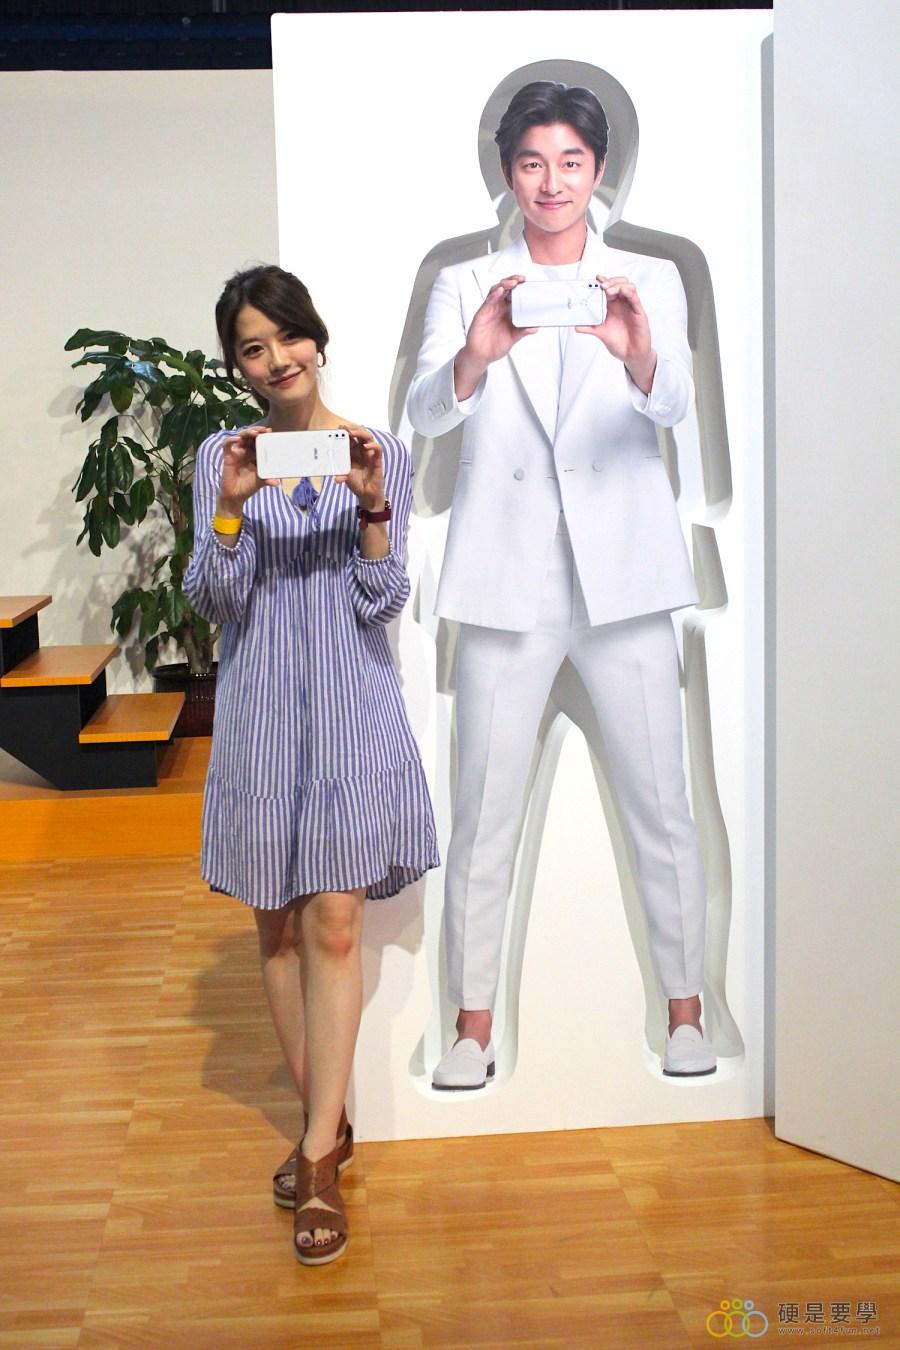 把孔劉帶回家!ZenFone 5 推「孔劉限定版」,新色「雪花白」超美登場 IMG_9721-900x1350